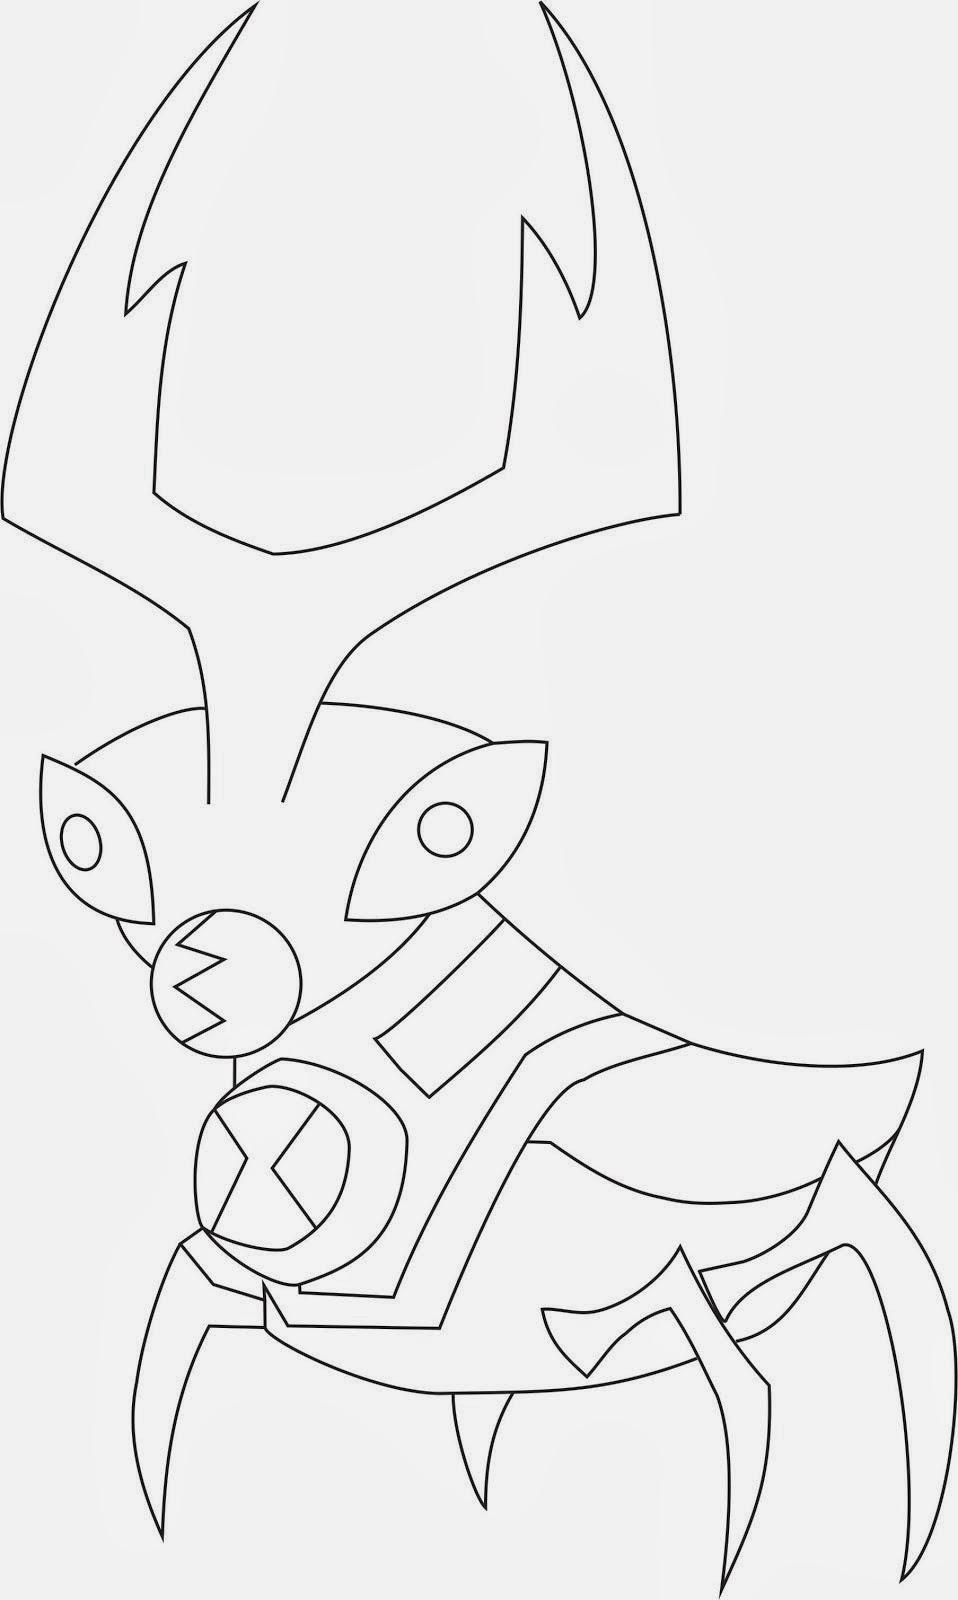 Juegos De Dibujos Para Colorear De Ben 10 Omniverse ~ Ideas ...